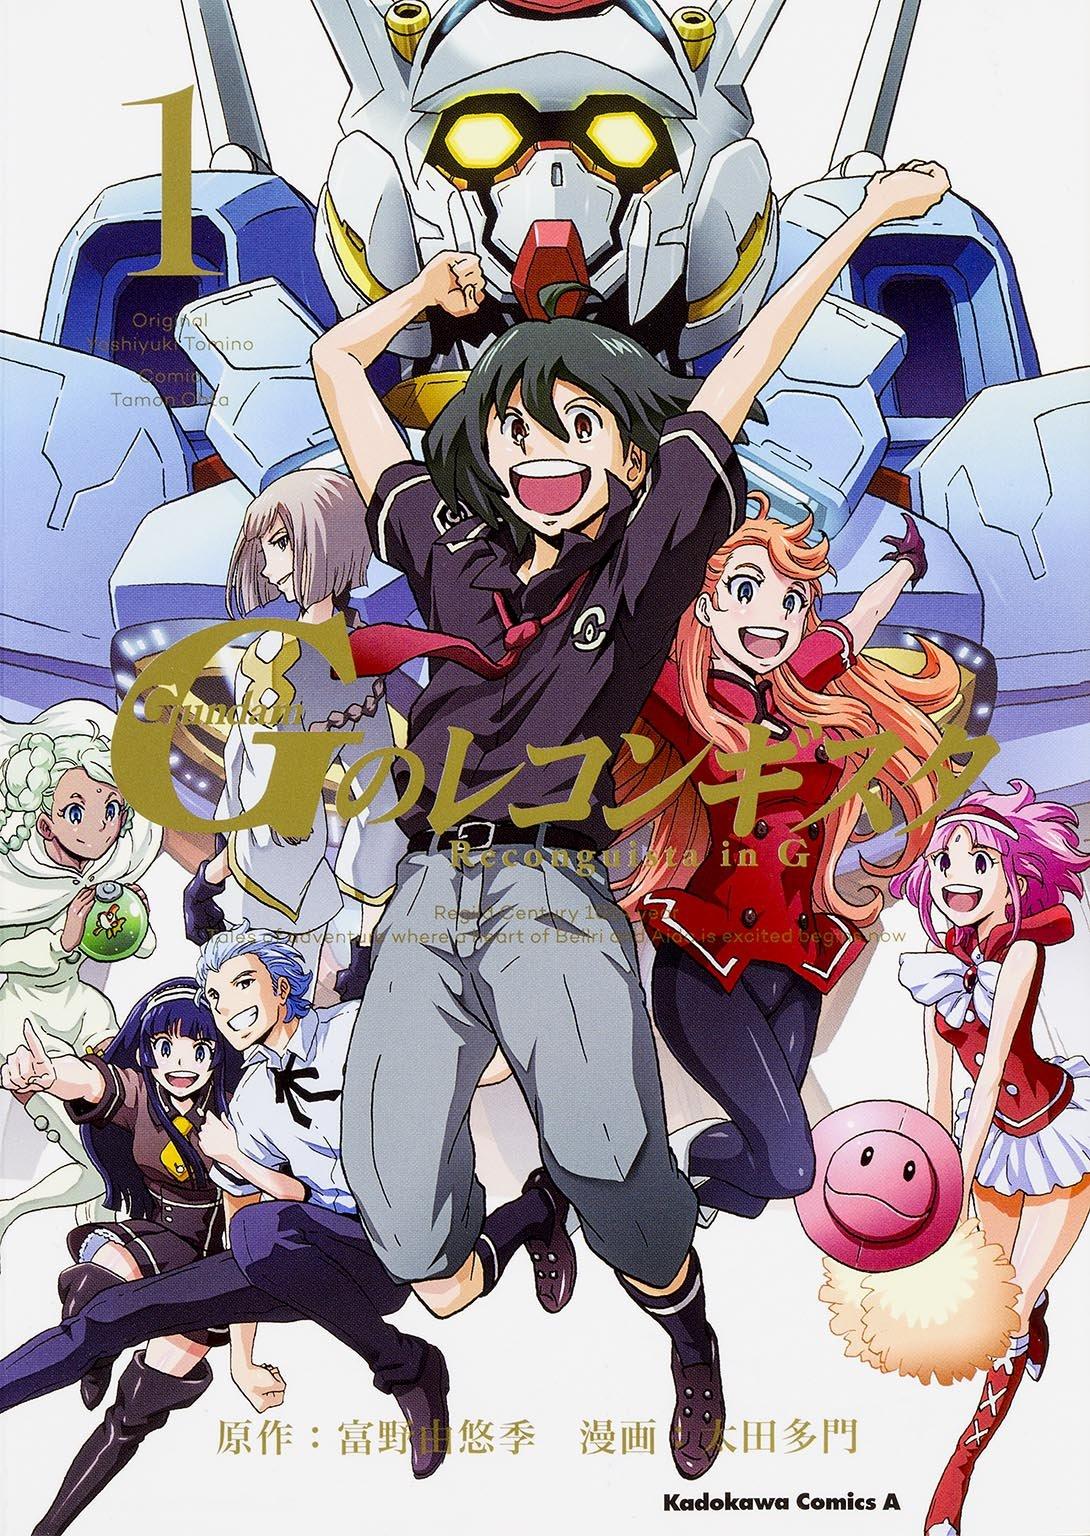 Gundam: G no Reconguista 01-02